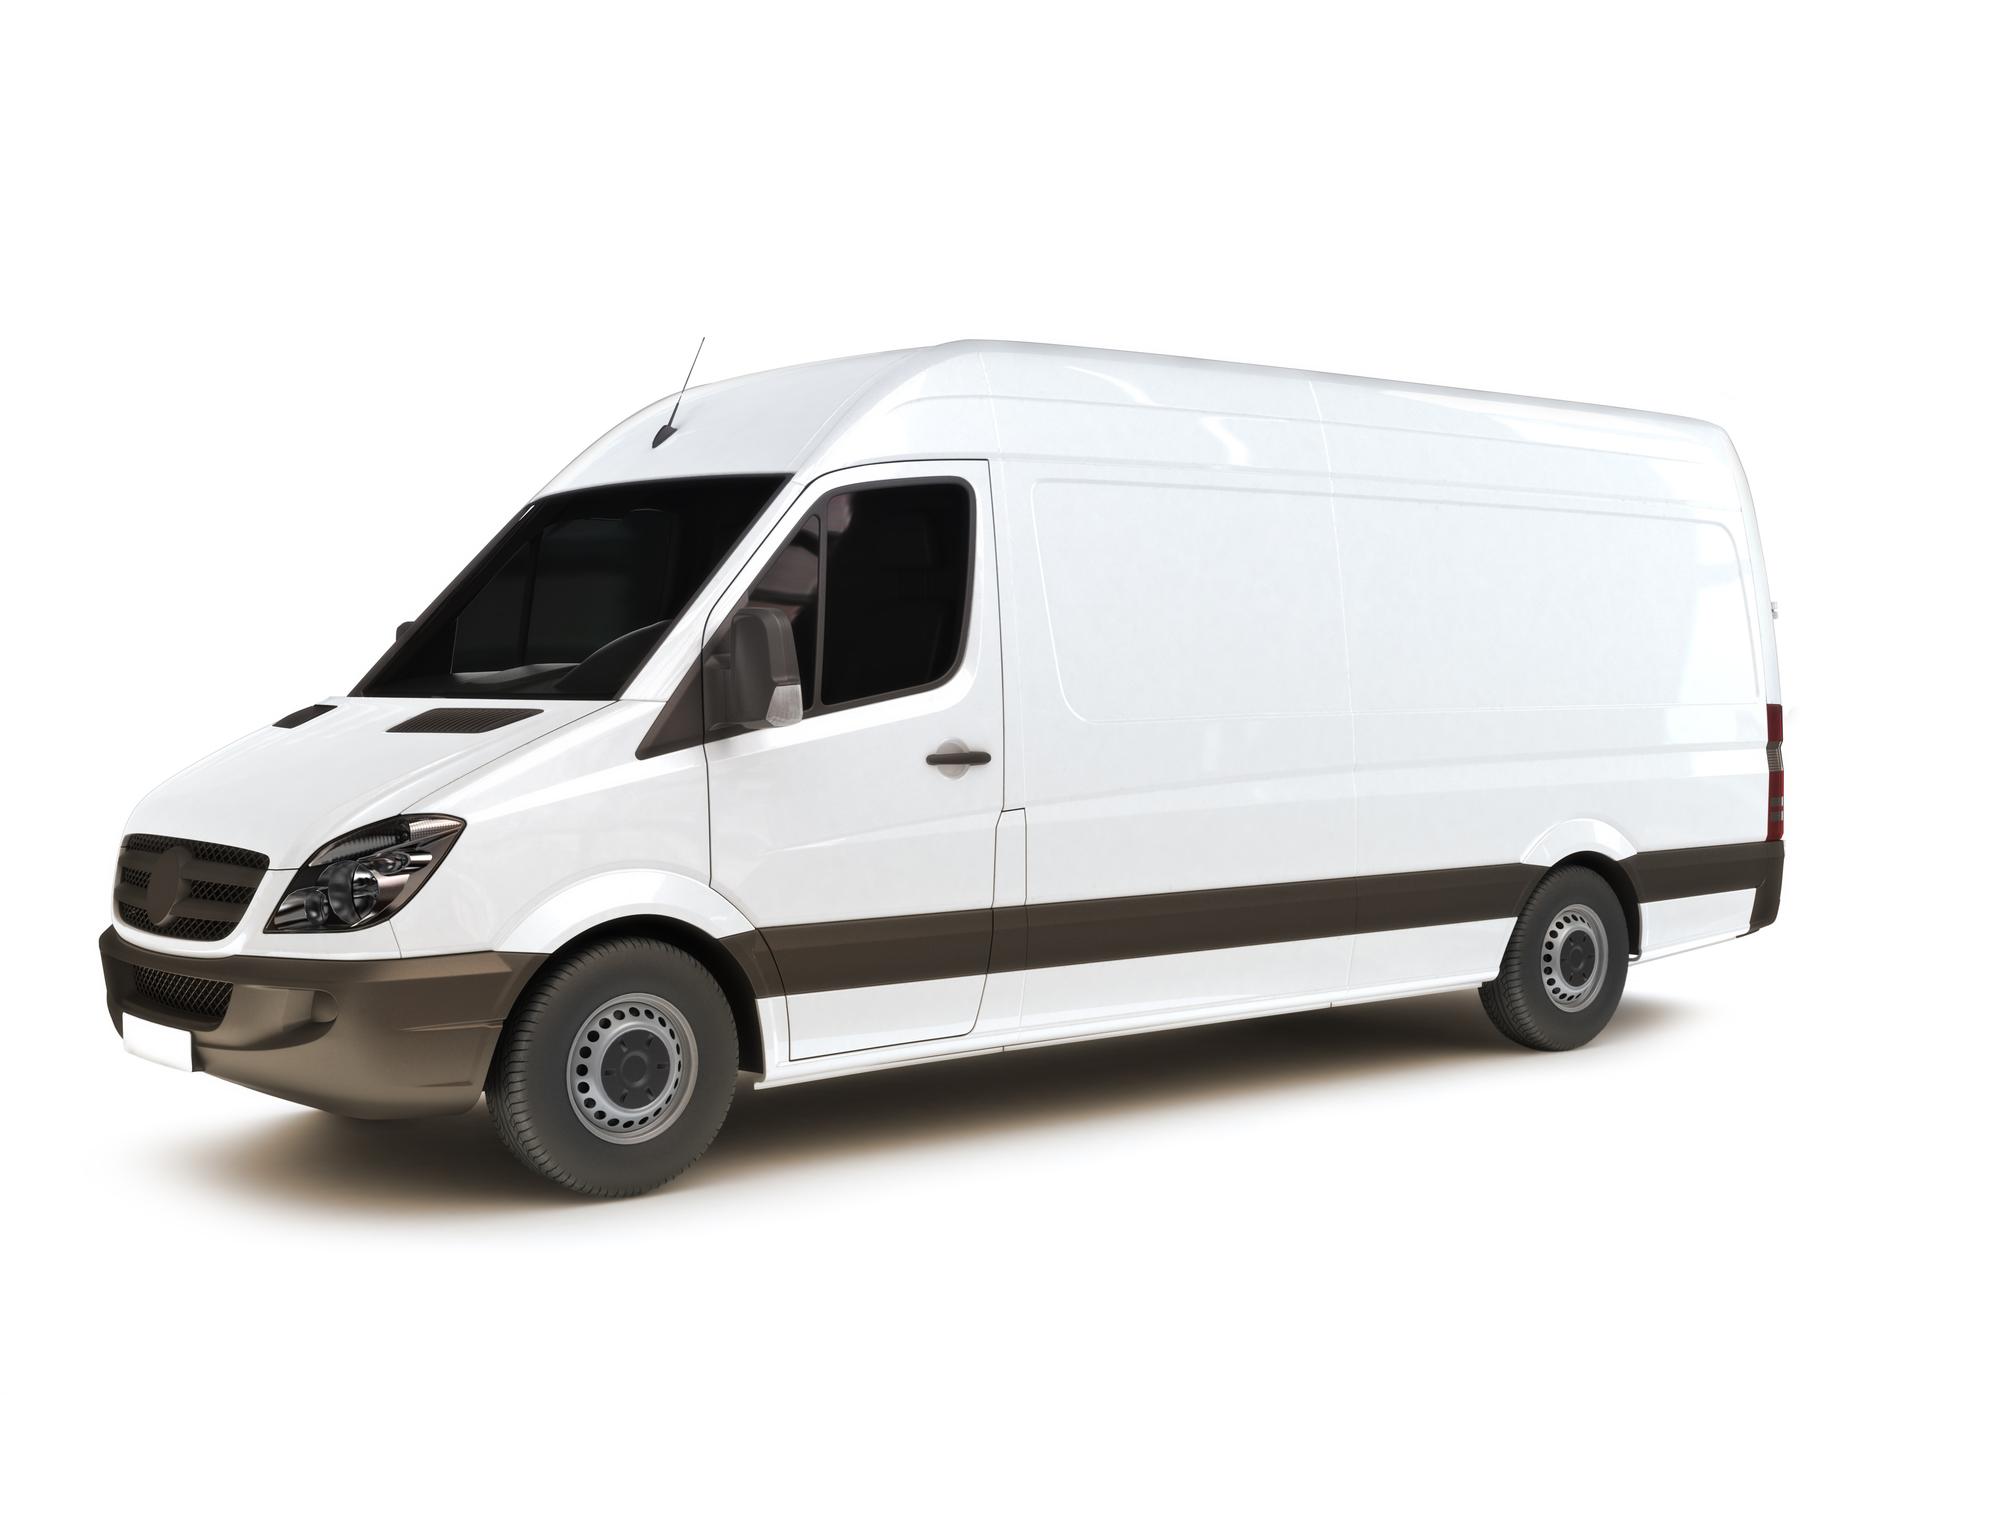 fartskriver takograf i varebilen transportmagasinet. Black Bedroom Furniture Sets. Home Design Ideas